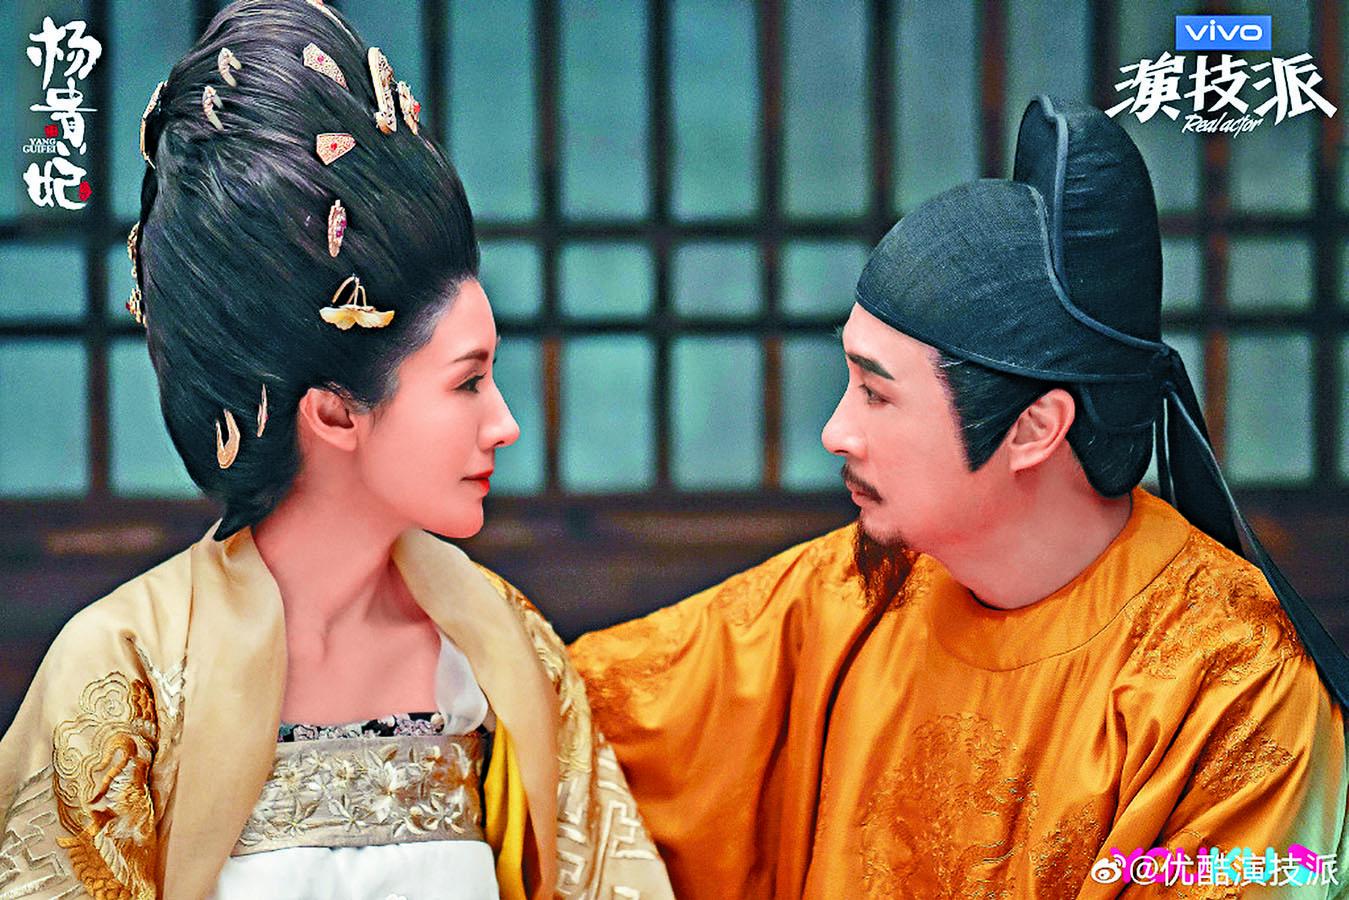 李嘉欣與吳鎮宇齊參與綜藝節目《演技派》。